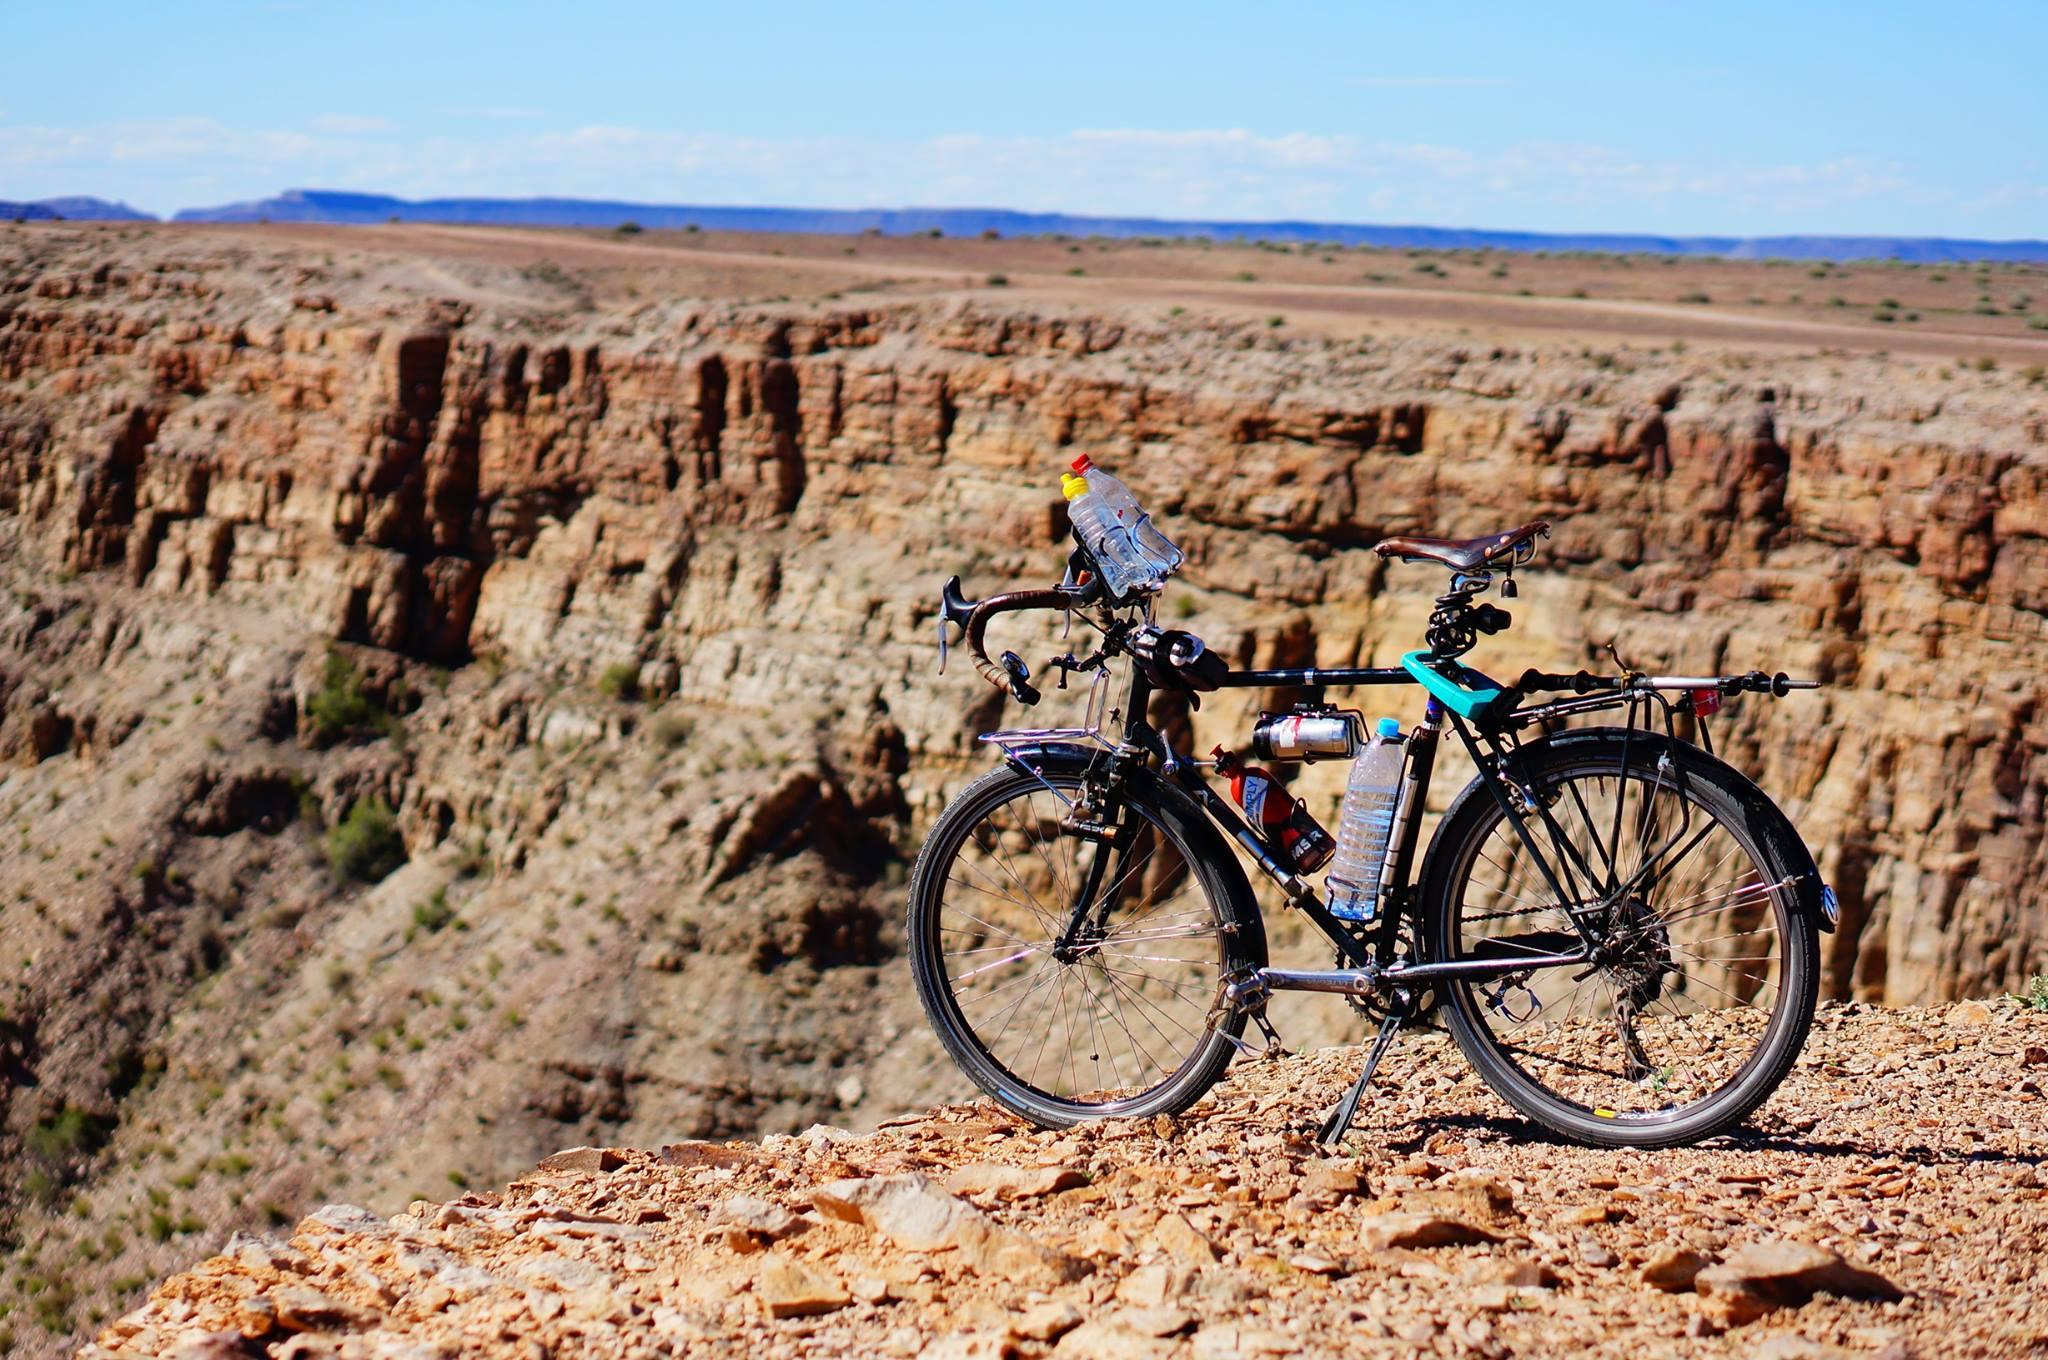 冒険に出たくなること間違いなし!旅の写真が素敵すぎて声がでない【伊藤篤史の自転車世界一周写真集】 (22)